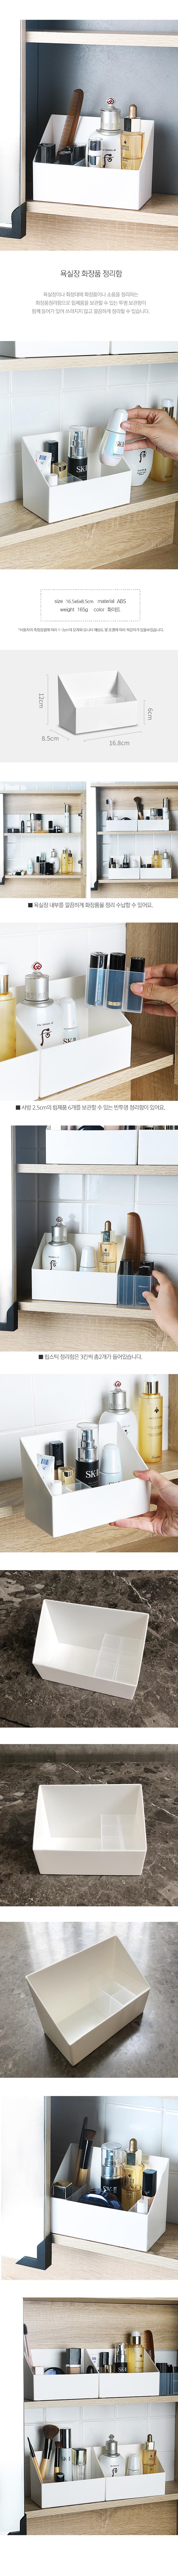 욕실장 화장품 소품정리함 - 이비자, 15,000원, 정리함, 화장품정리함